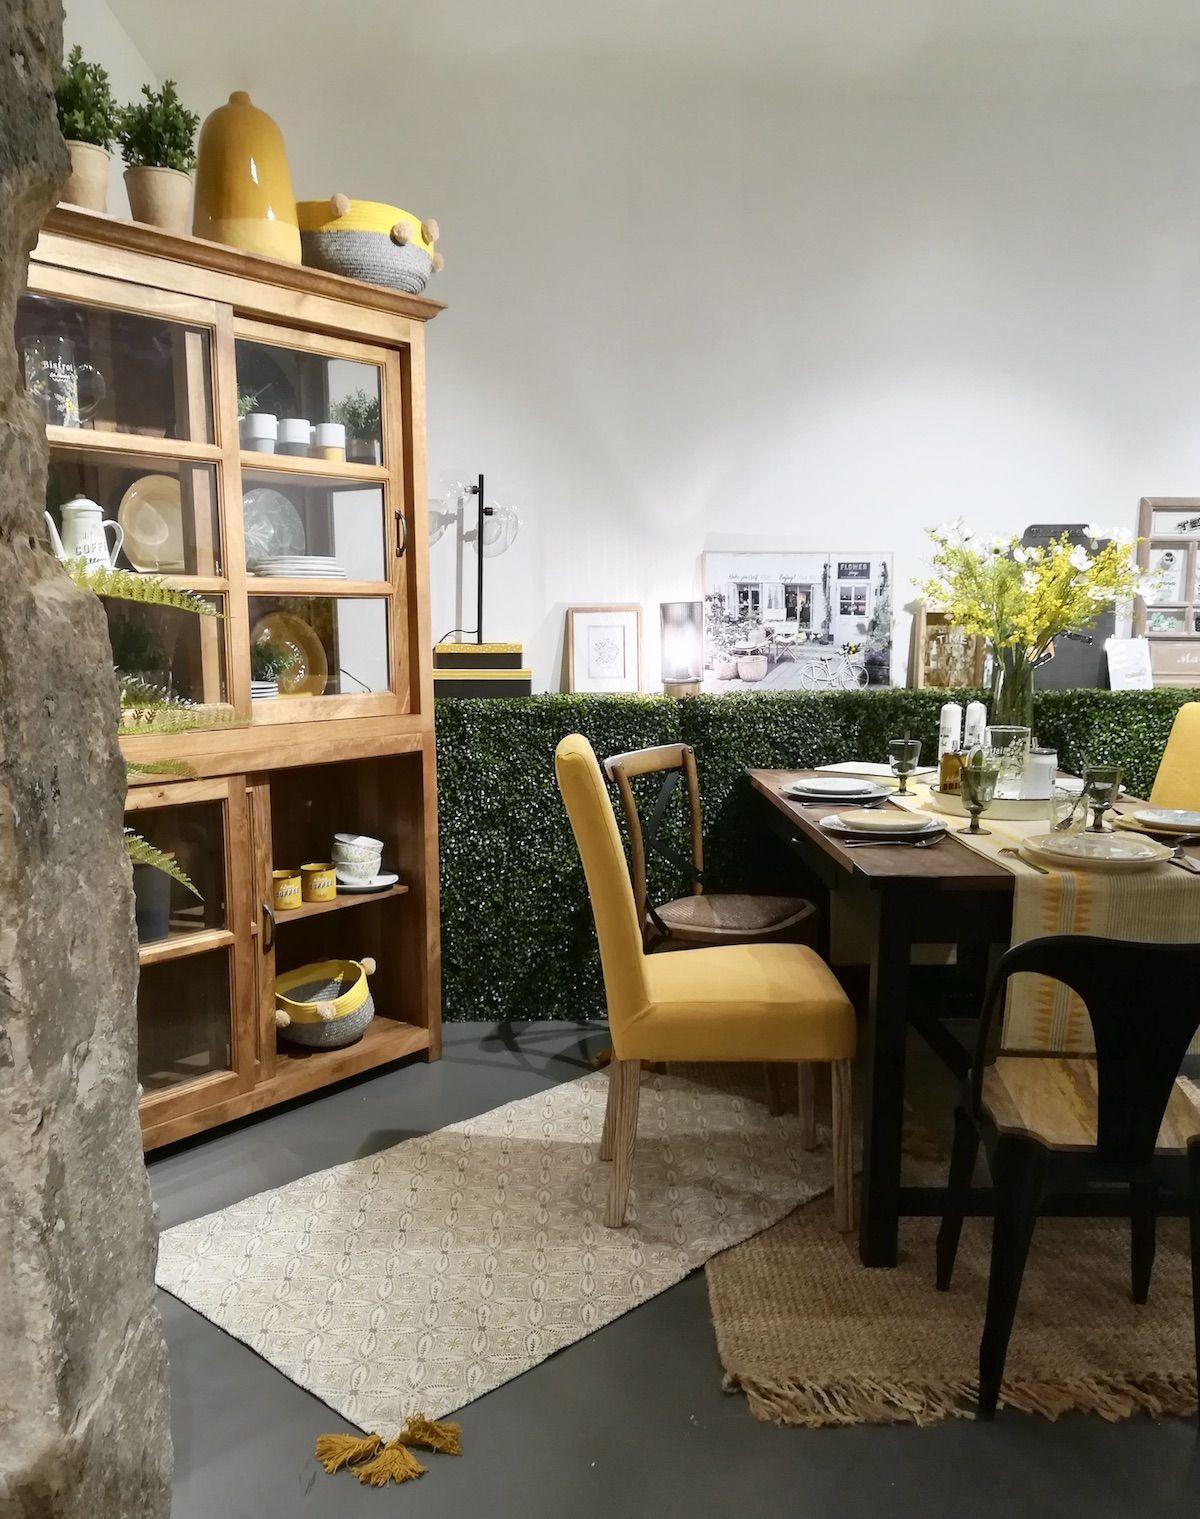 décoration maison de campagne vaisselier bois vitrine salle a manger jaune et verte